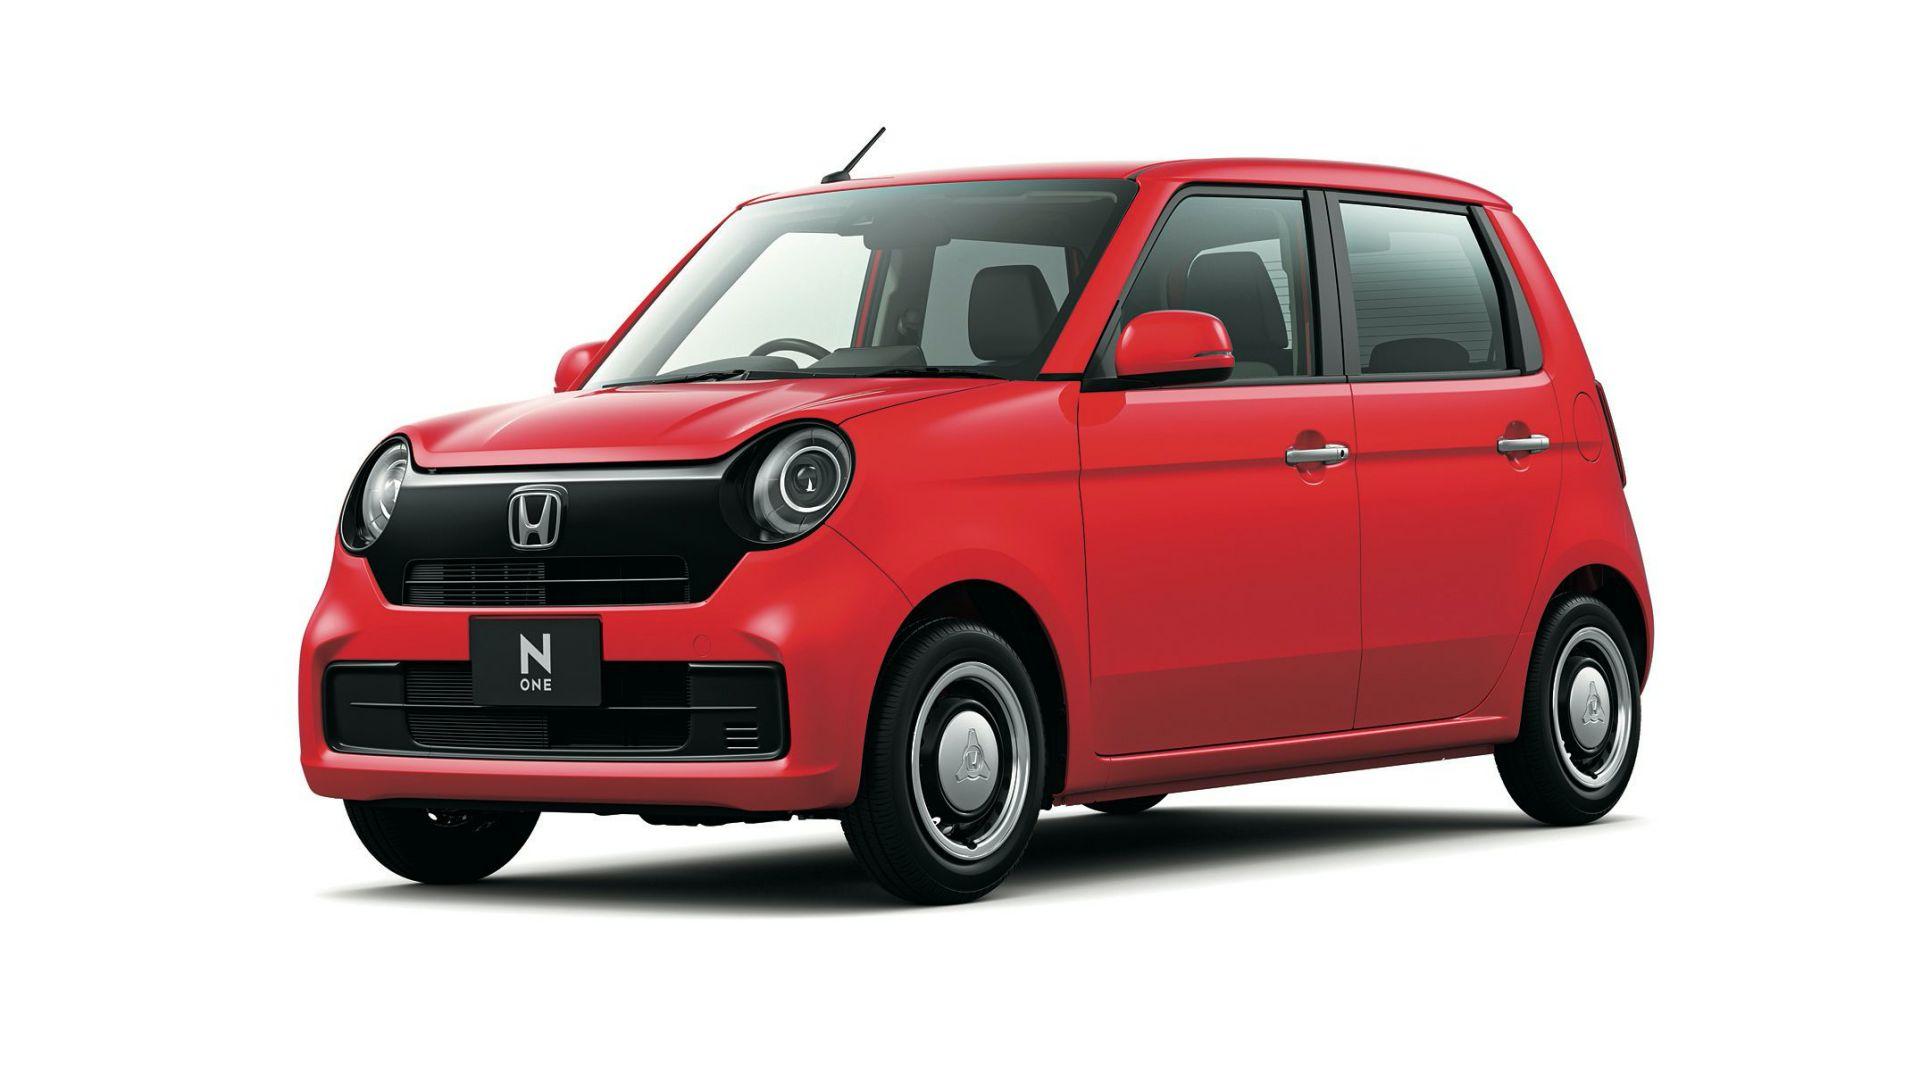 Honda-N-One-1